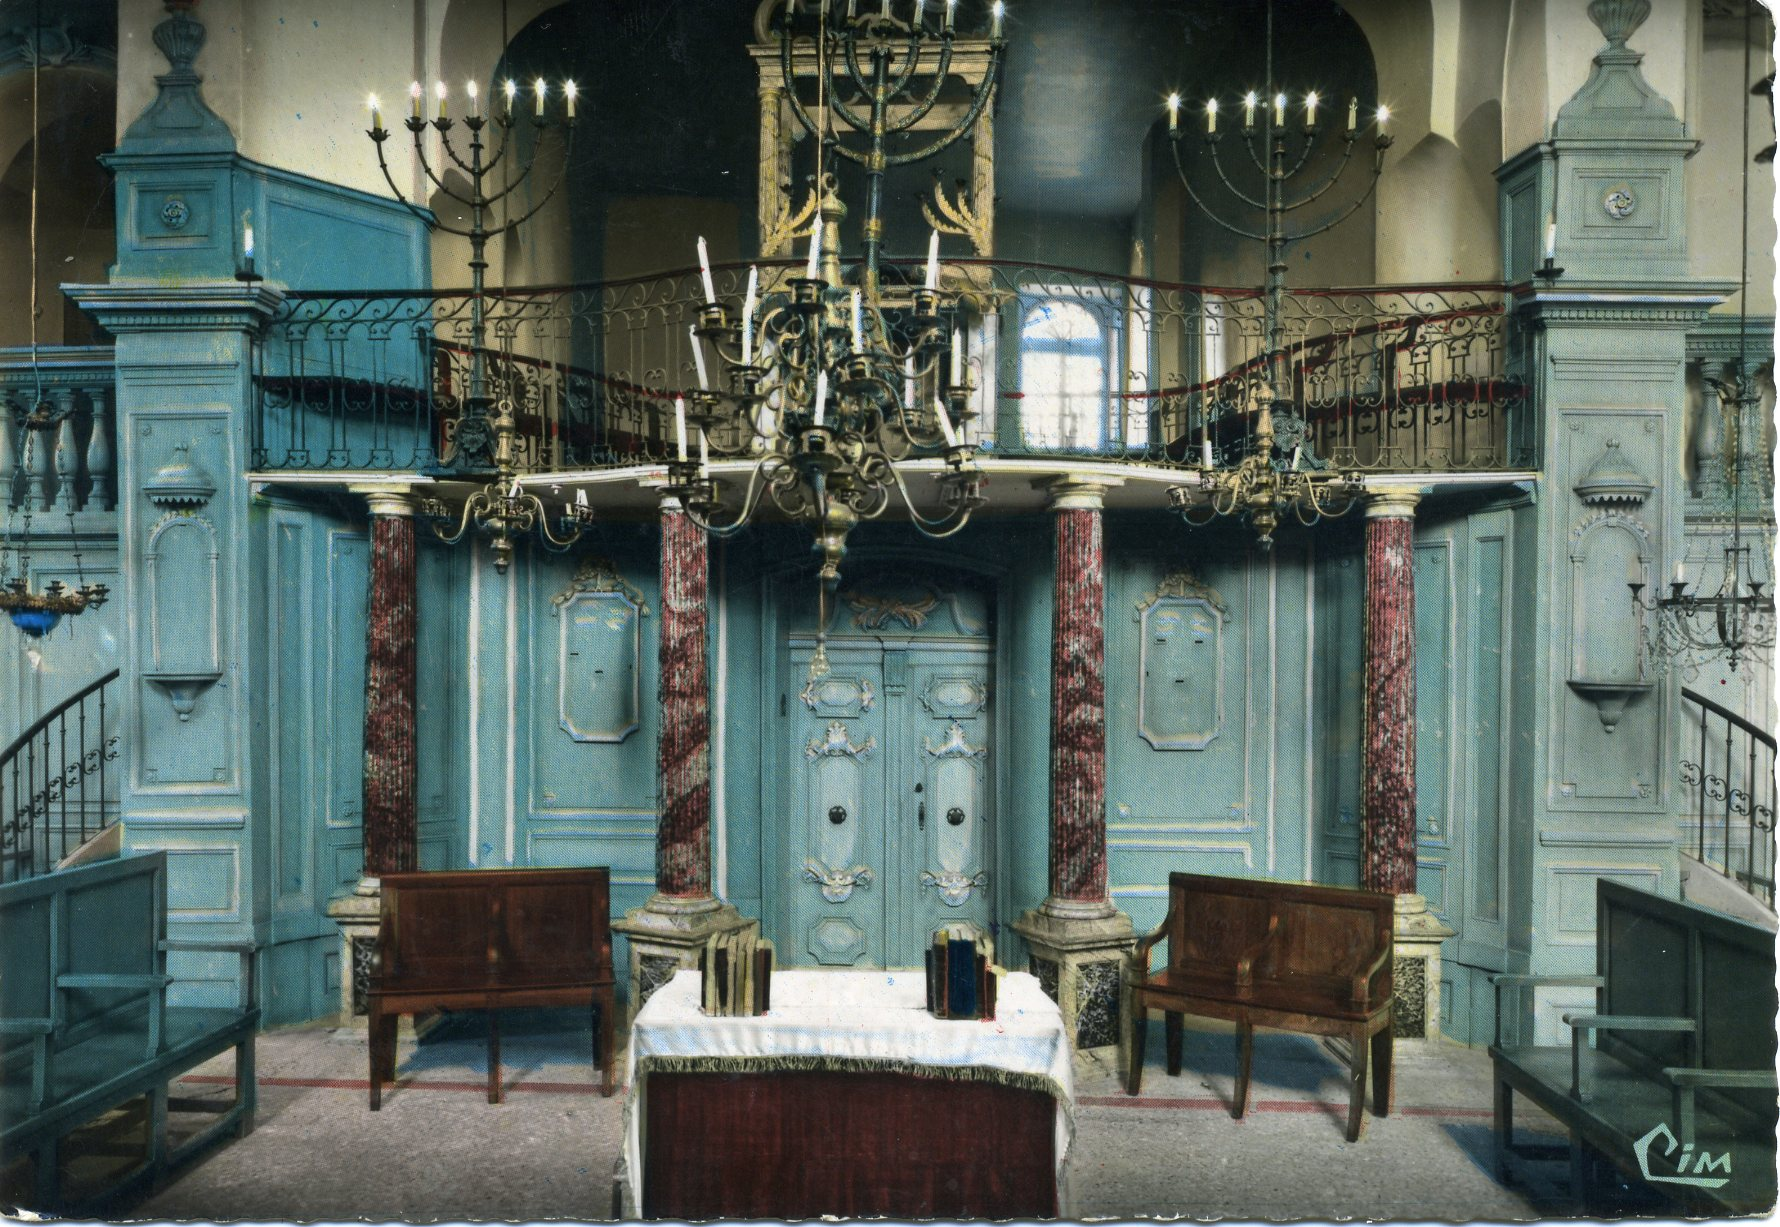 Photo à Carpentras (84200) : Intérieur de la Synagogue la plus vieille de France (carte postale ...